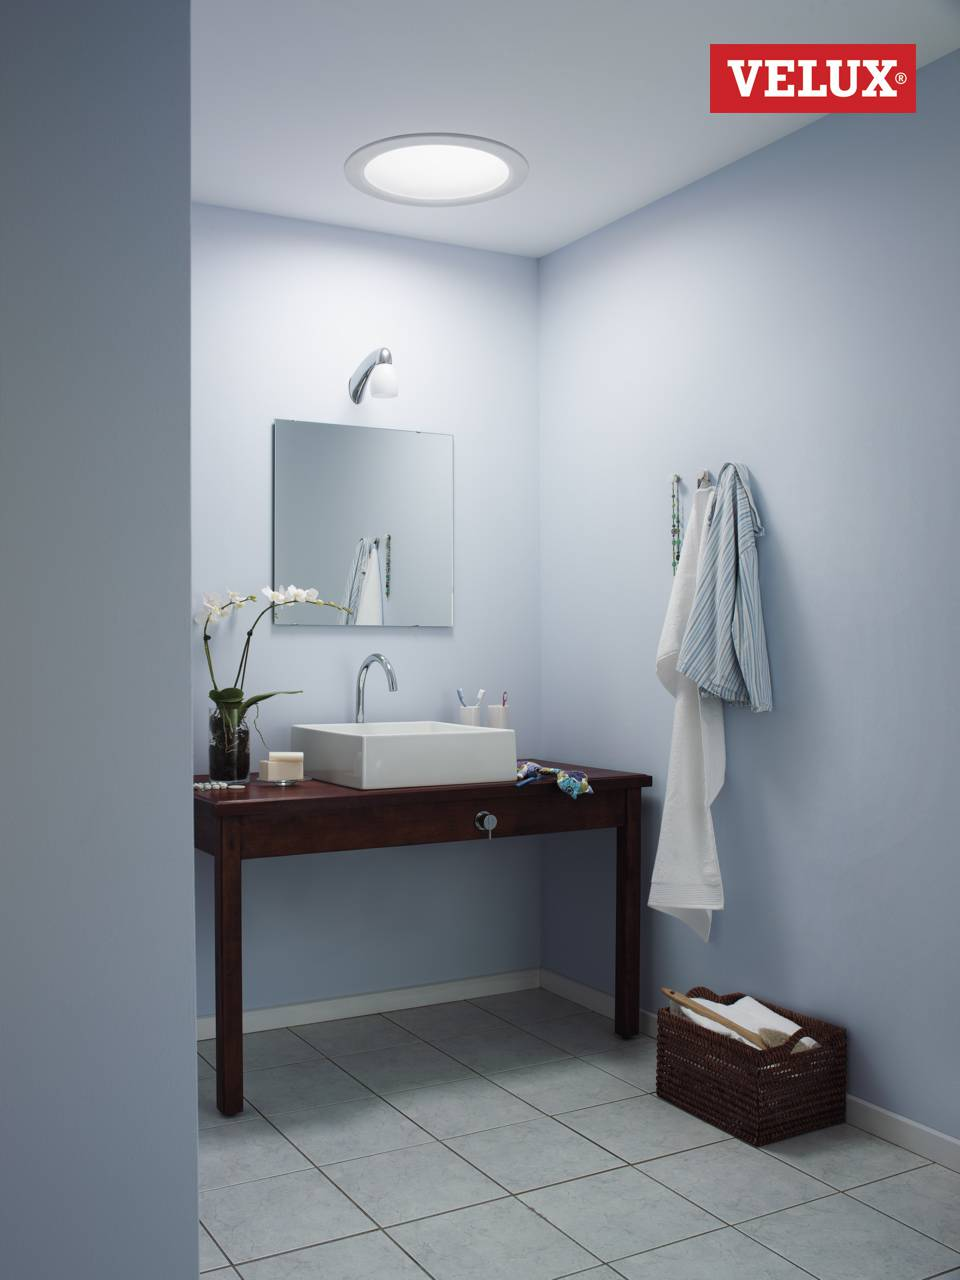 Velux svjetlosni tunel - dnevno svjetlo u svim dijelovima kuće